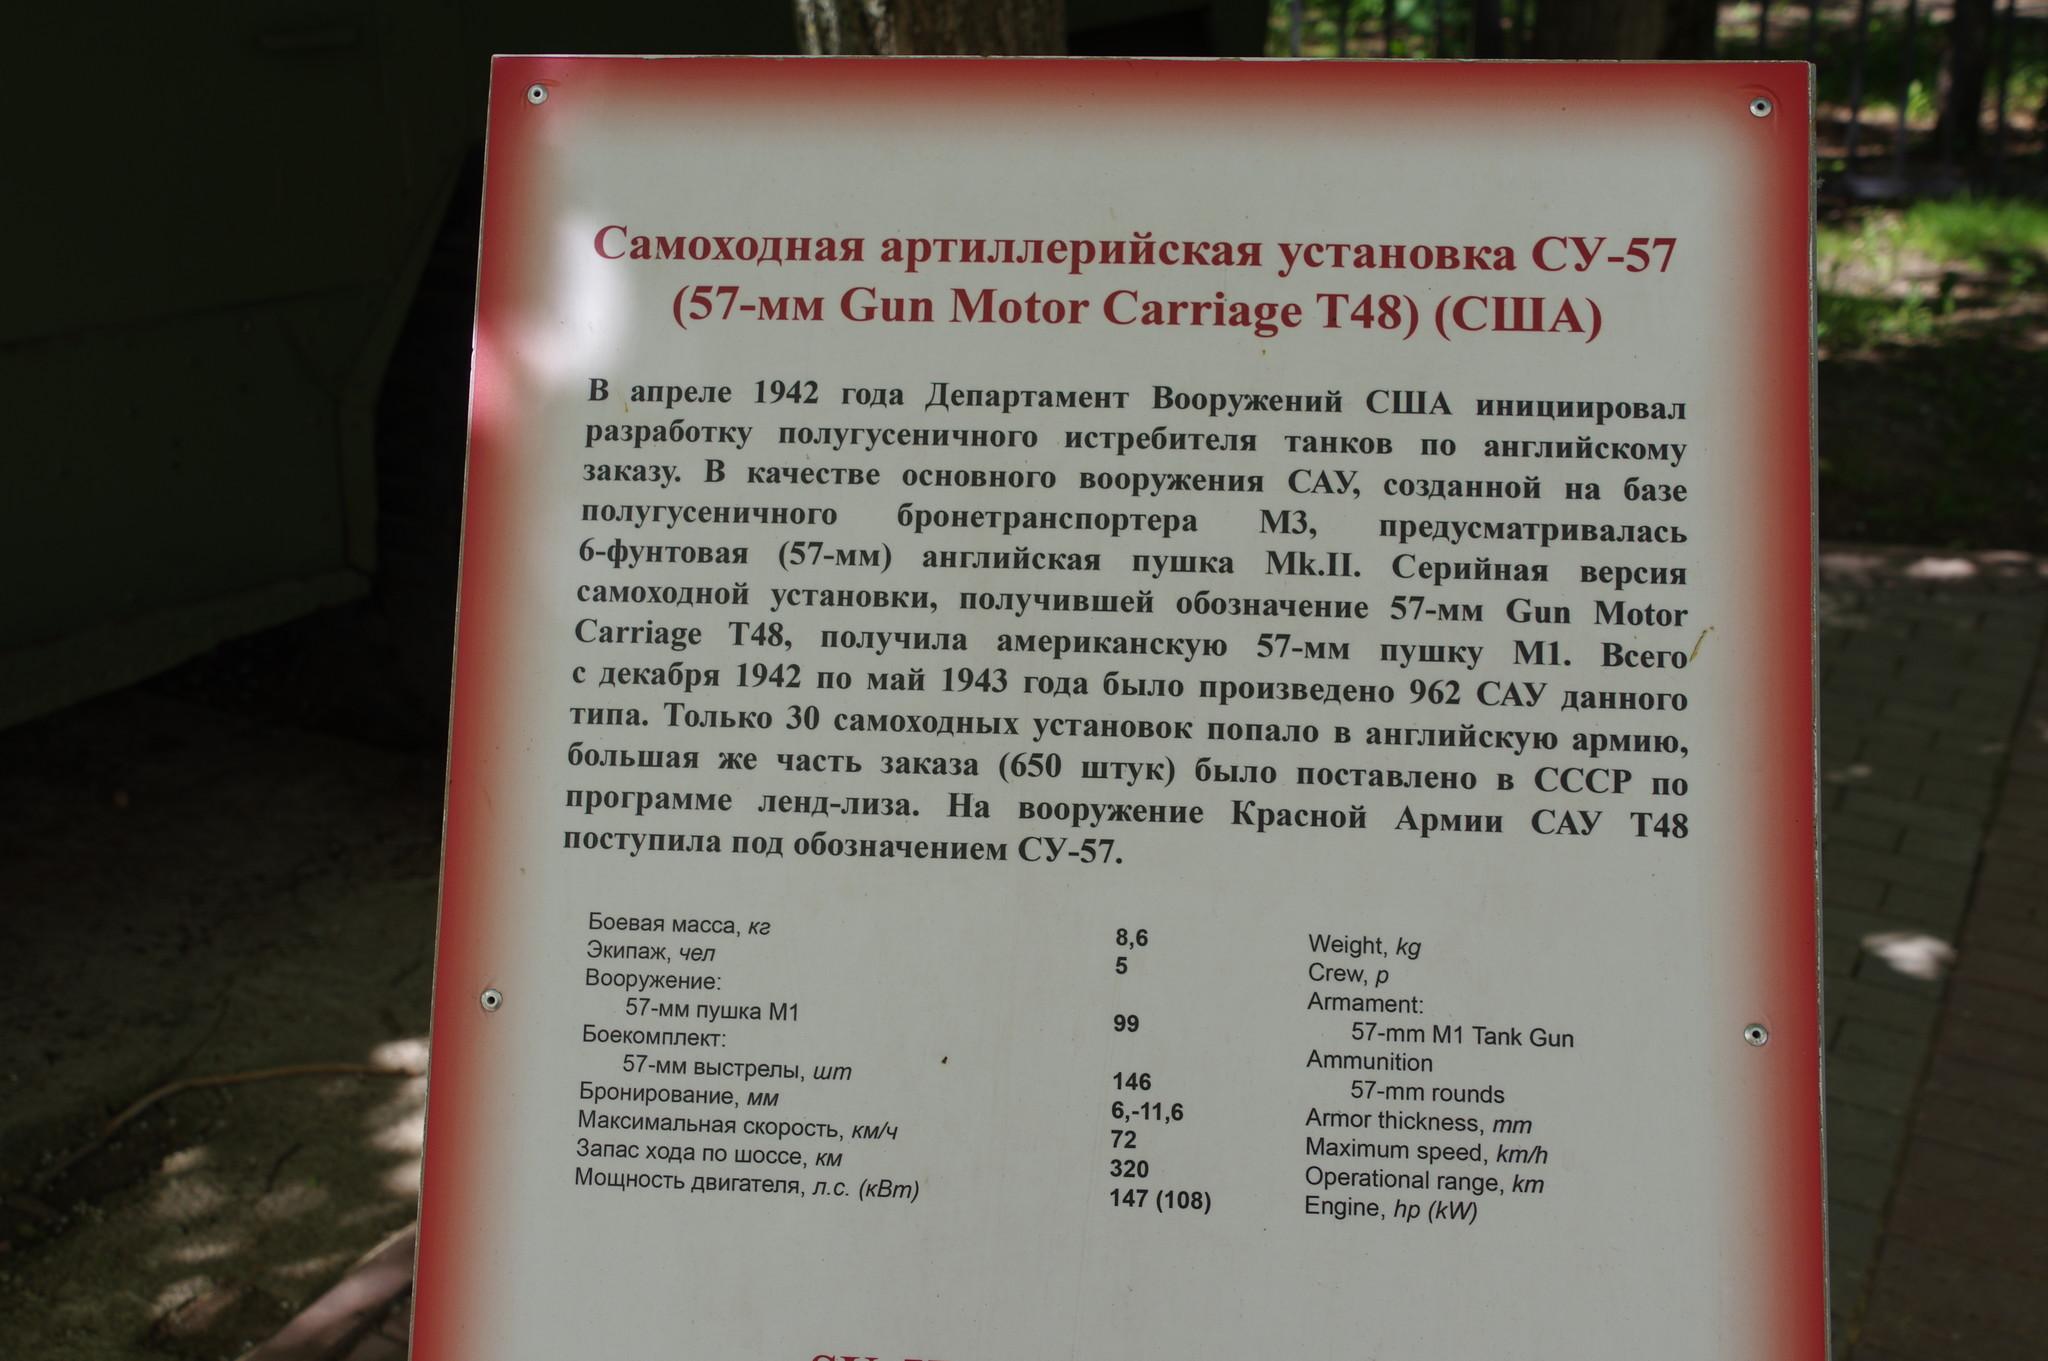 Самоходная артиллерийская установка СУ-57 (57mm Gun Motor Carriage T48) в экспозиции Центрального музея Великой Отечественной войны 1941-1945 гг.